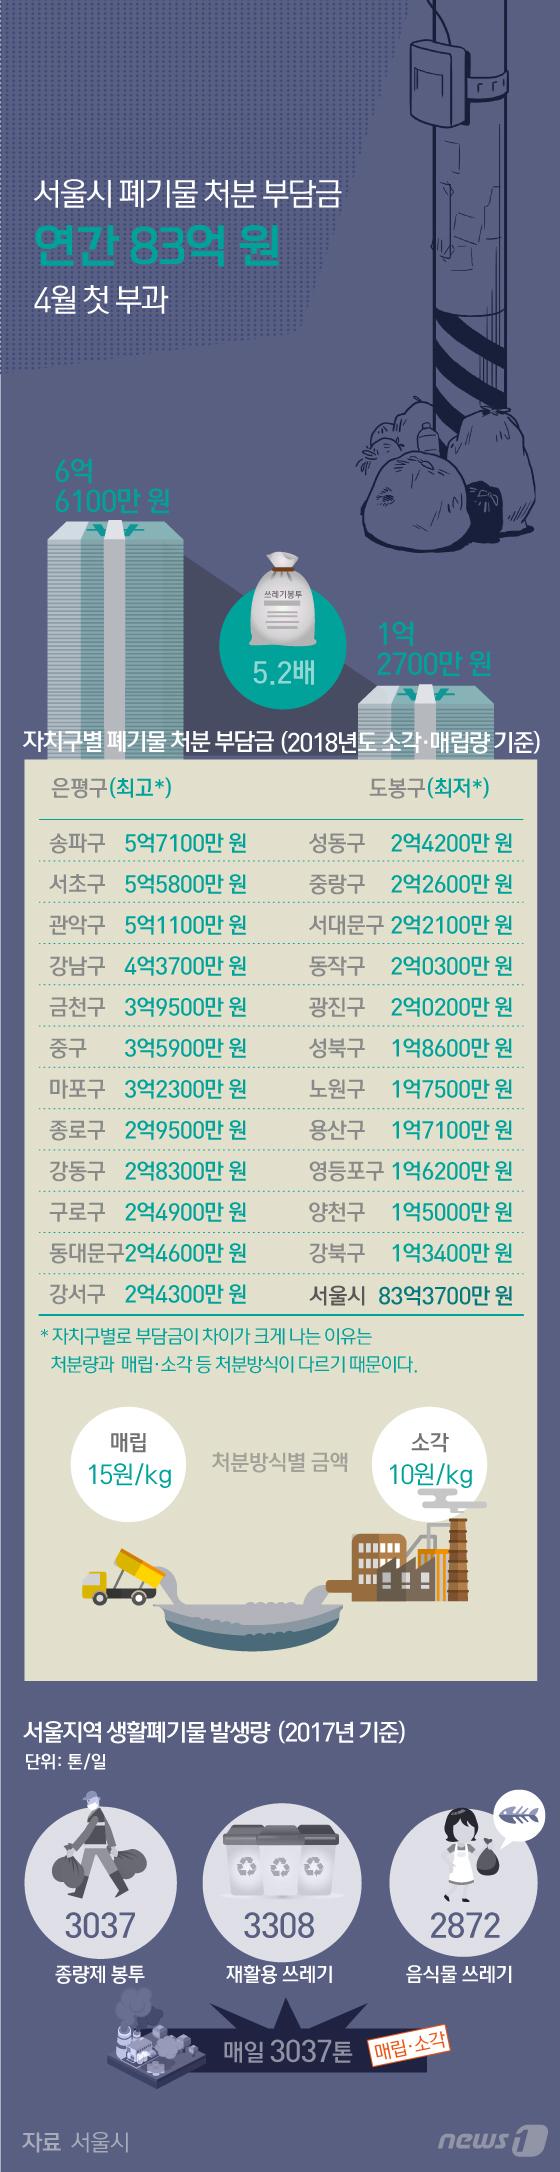 [그래픽뉴스] 서울시 폐기물 처분 부담금 4월 첫 부과